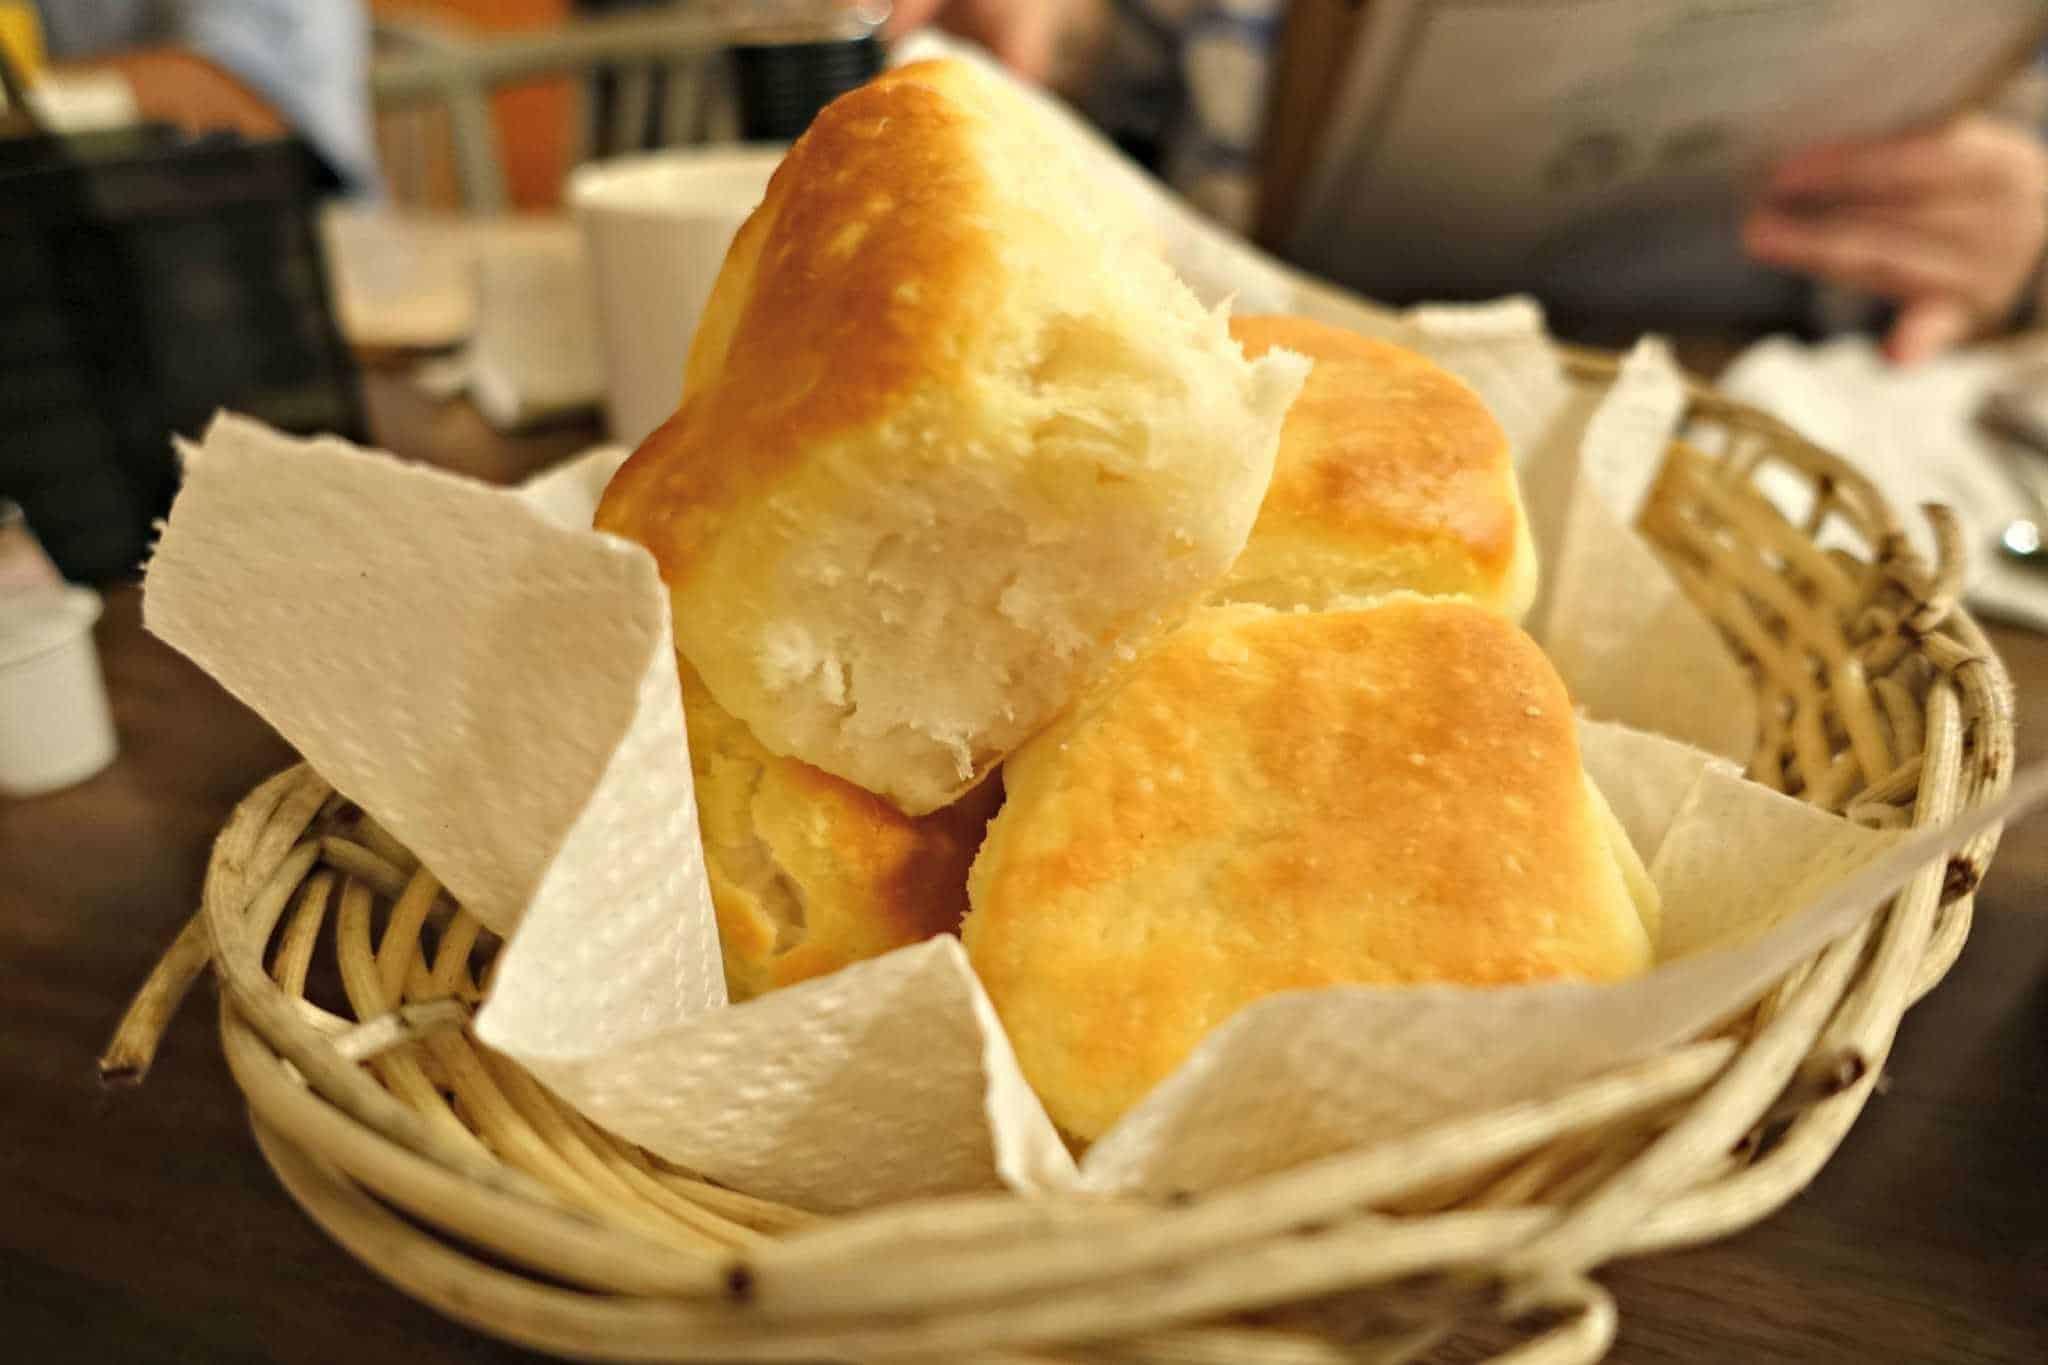 Biscuits in Roanoke, Virginia at the Roanoker